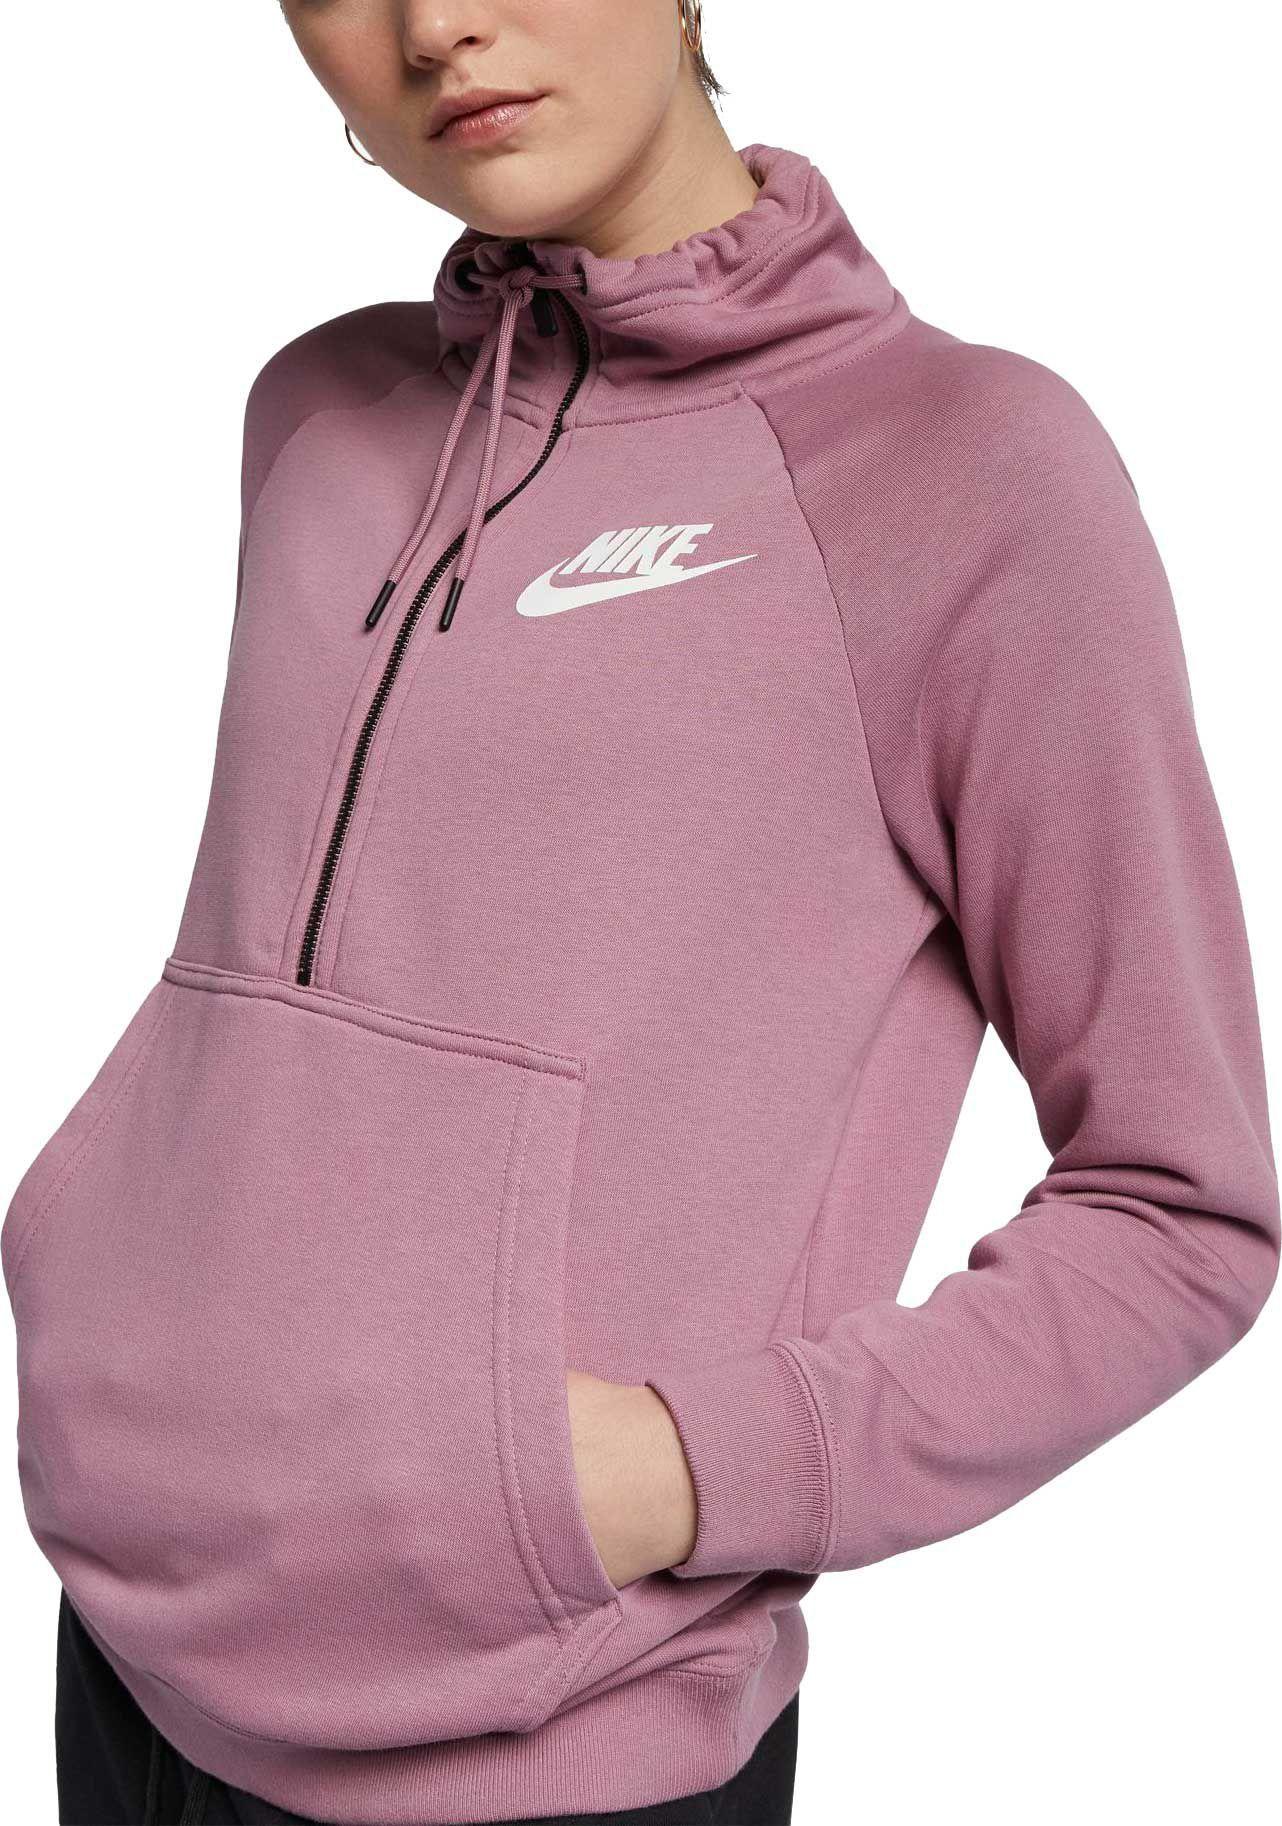 70e04f8ab885 Nike Women s Sportswear Rally Half-Zip Sweatshirt in 2019